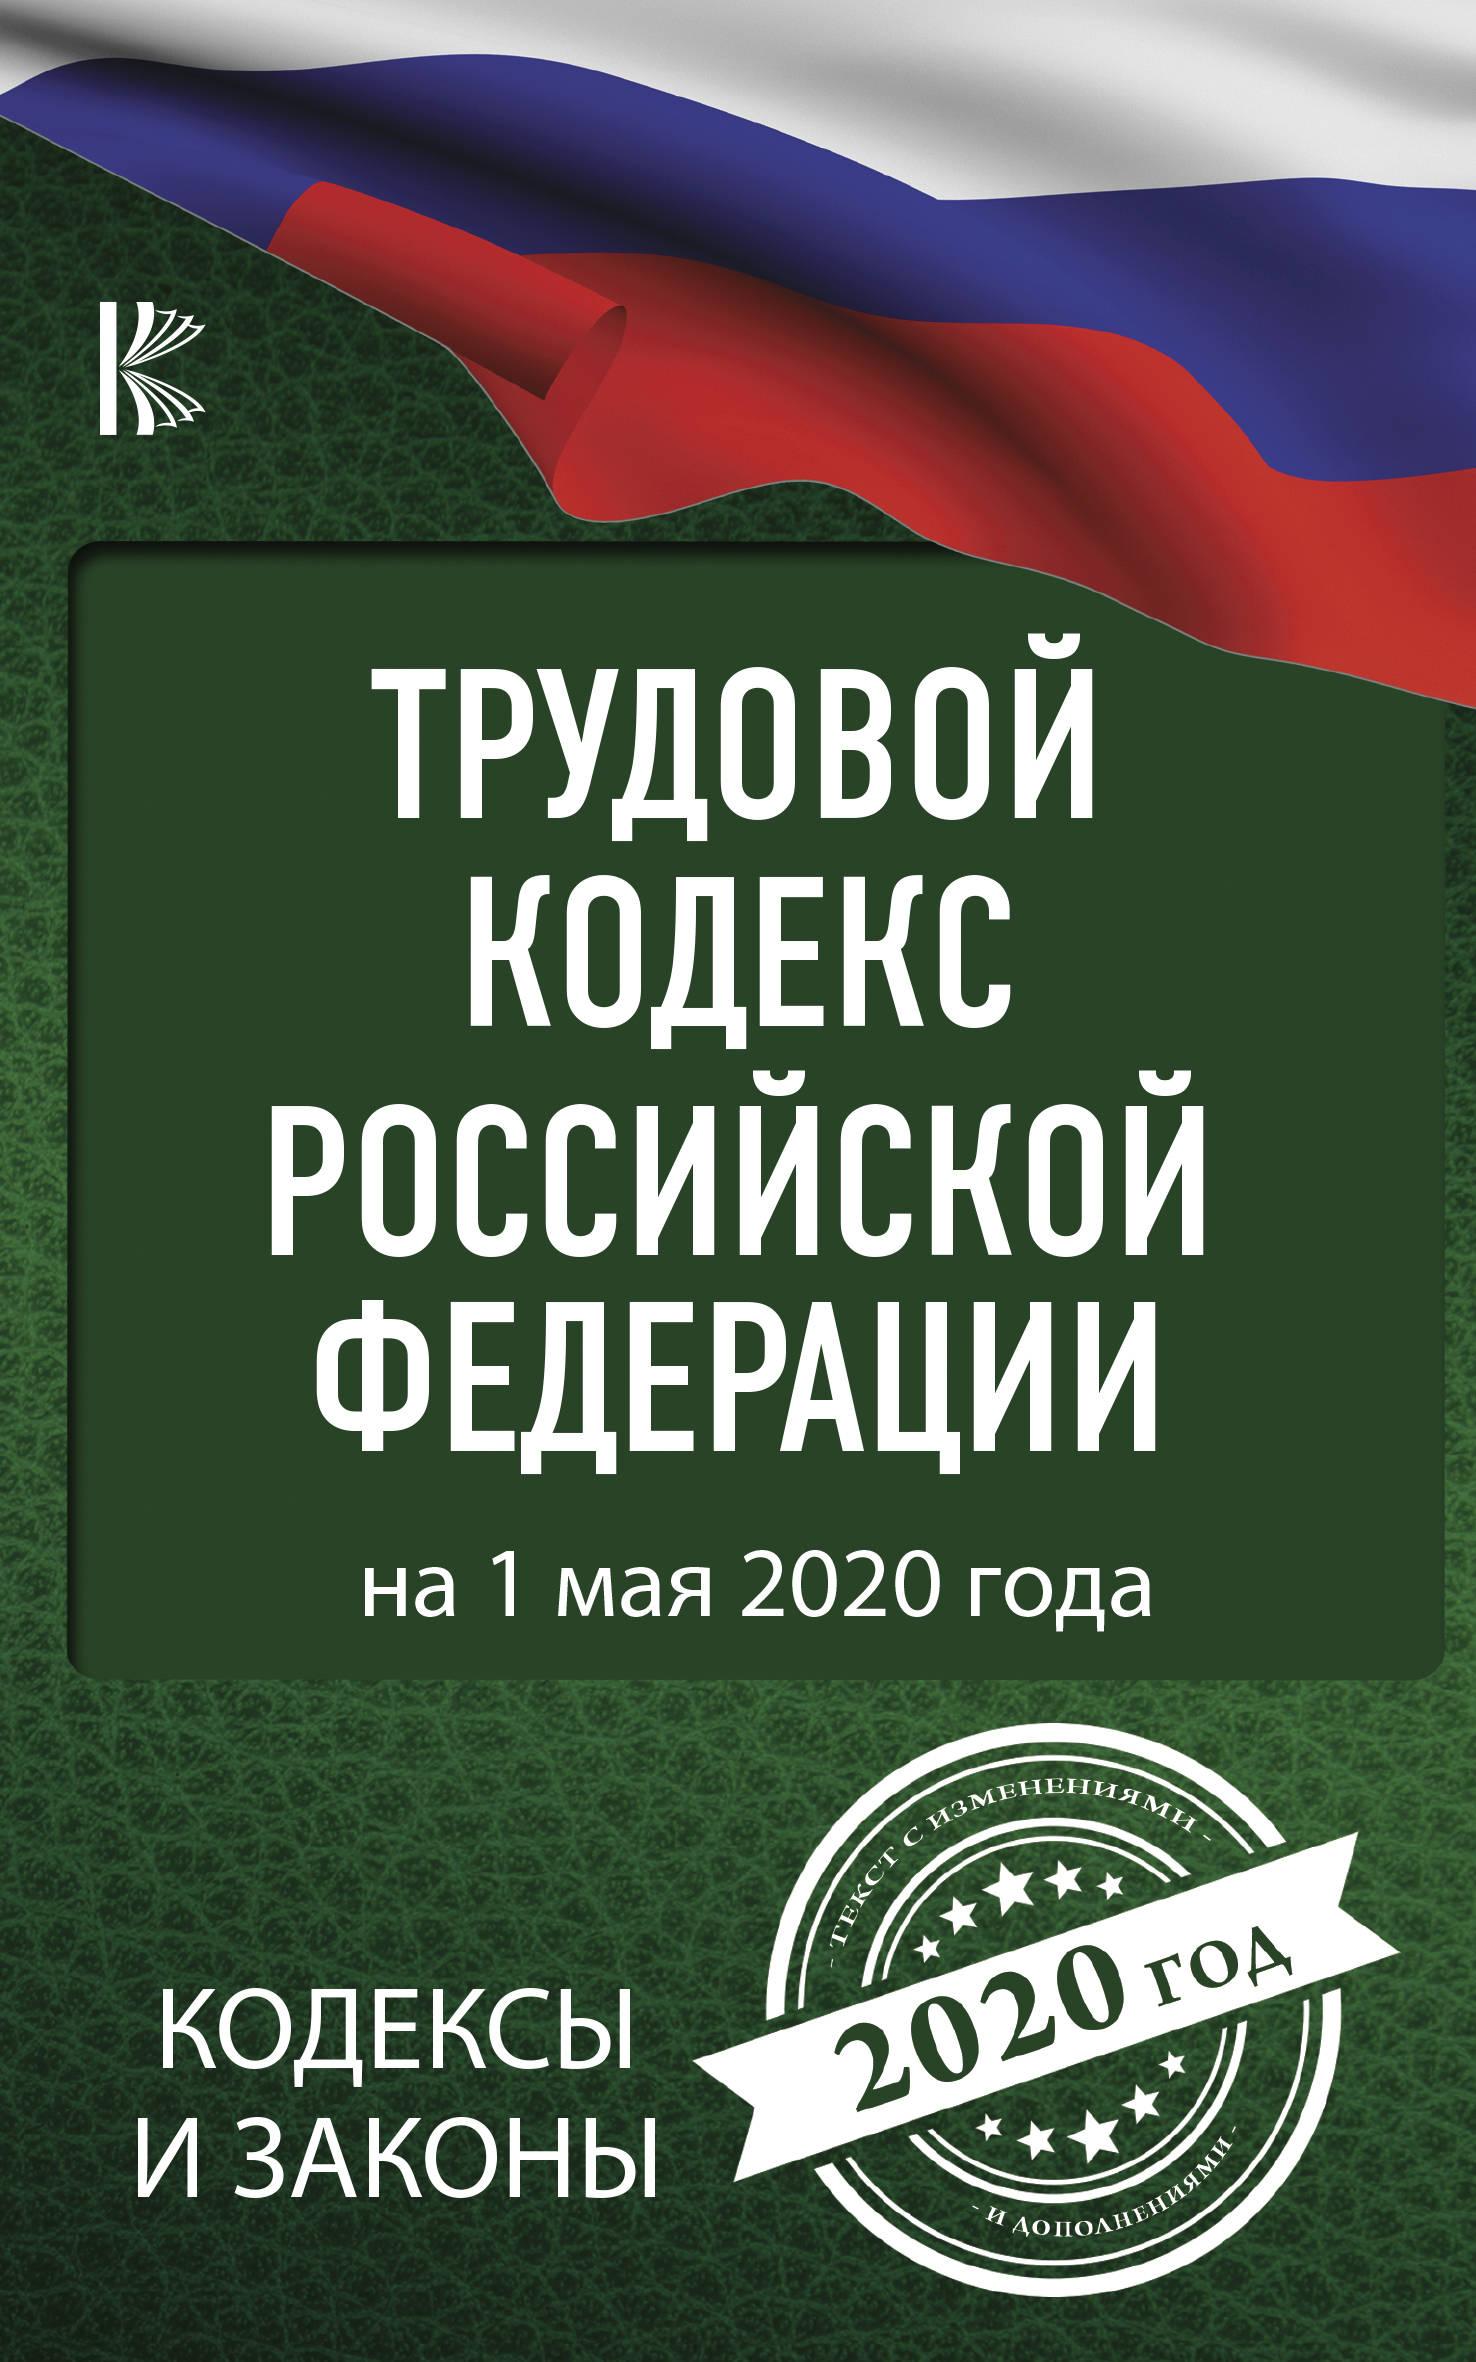 Trudovoj Kodeks Rossijskoj Federatsii na 1 maja 2020 goda